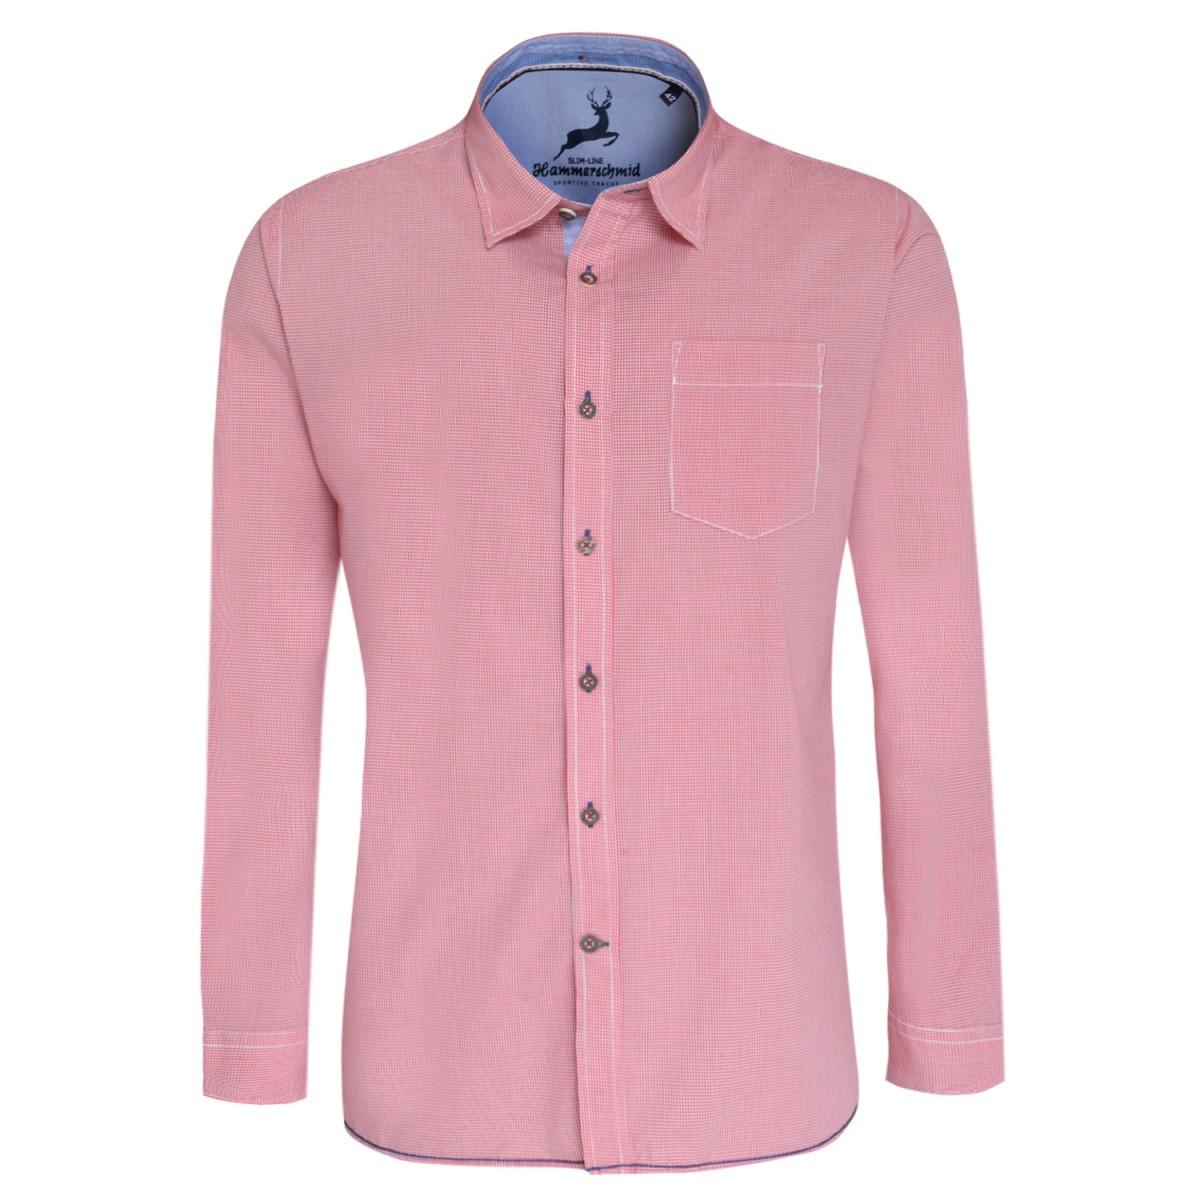 Trachtenhemd Slim Fit in Rot von Hammerschmid günstig online kaufen